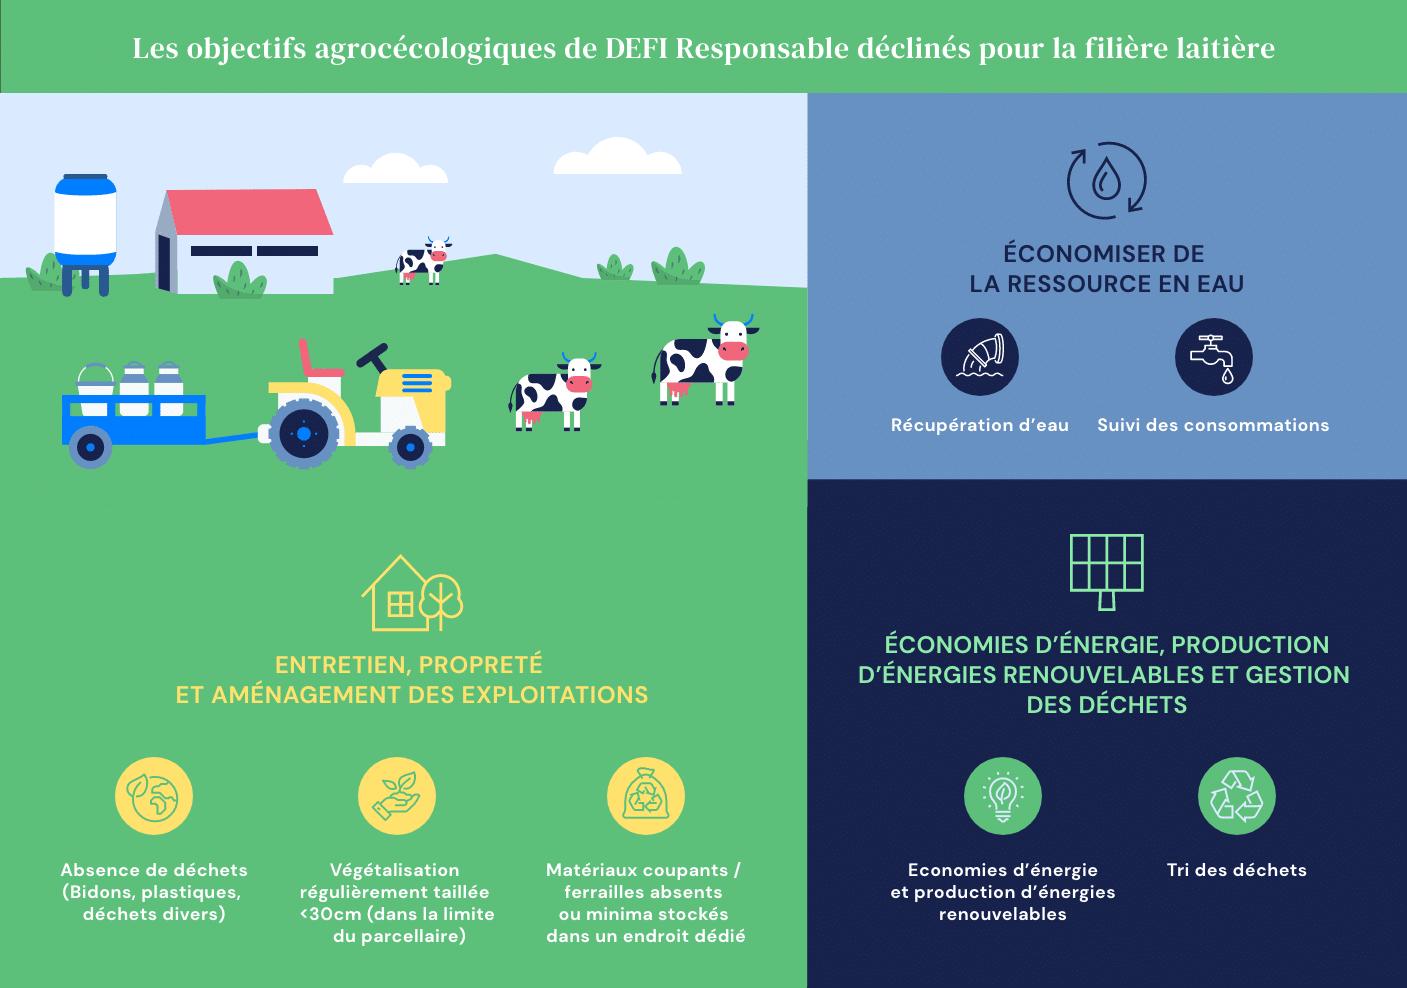 Schema des objectifs agroécologiques DEFI Responsable